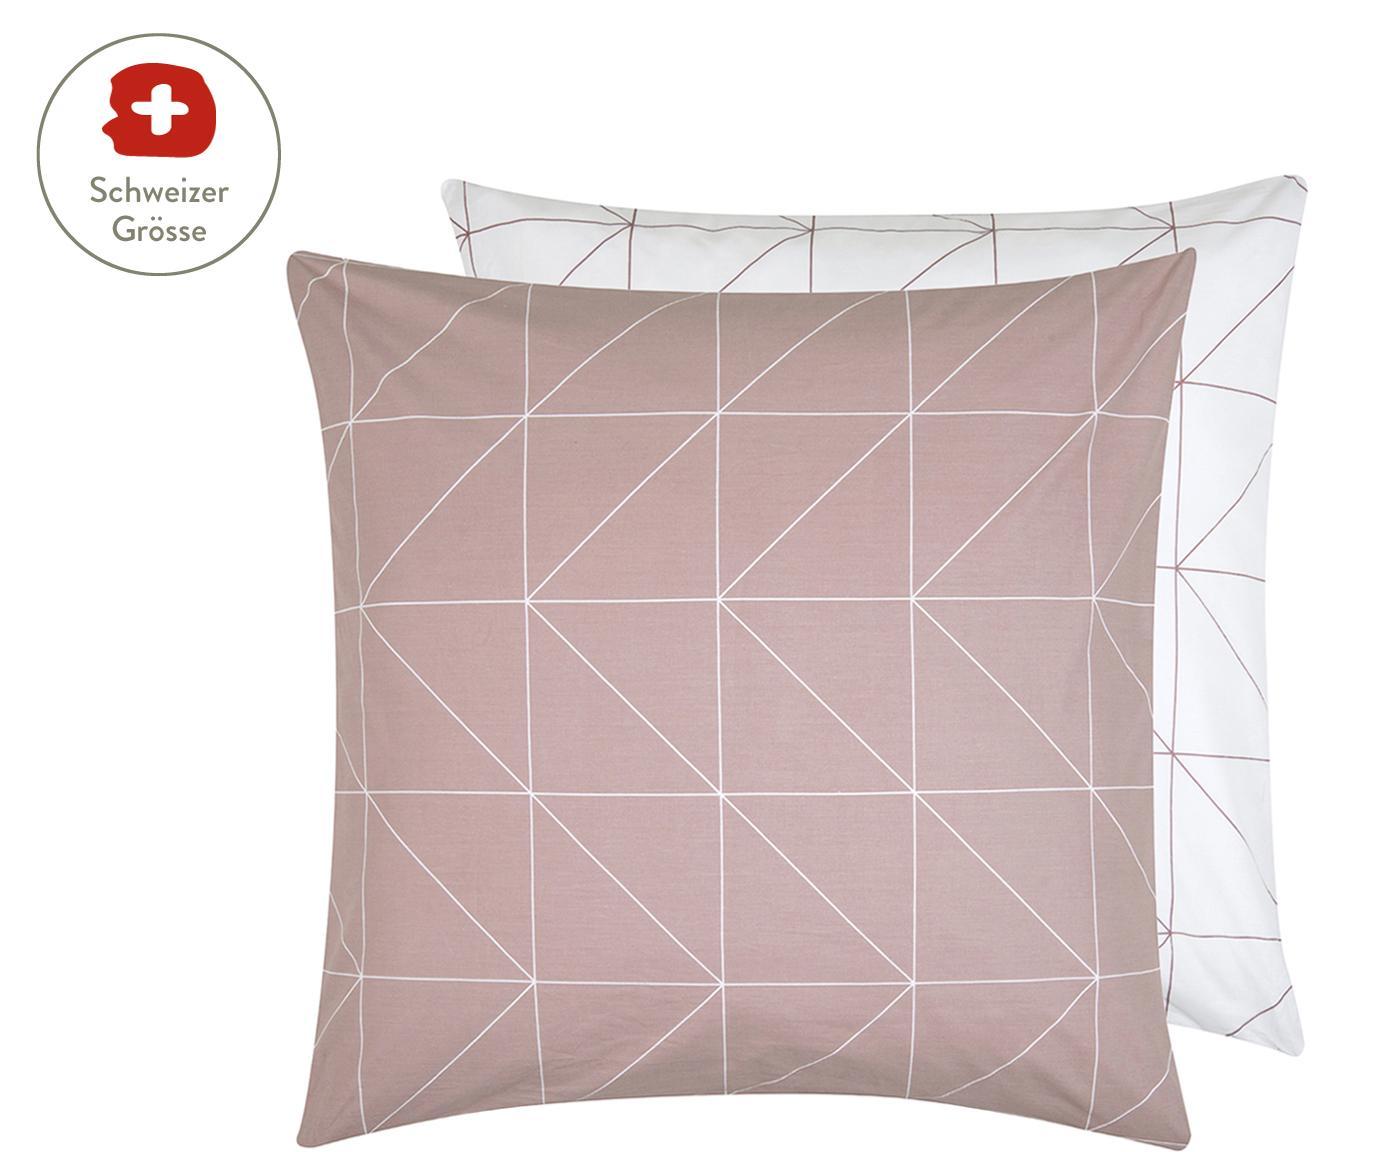 Baumwoll-Wendekissenbezug Marla mit grafischem Muster, Webart: Renforcé Fadendichte 144 , Mauve, Weiss, 65 x 65 cm